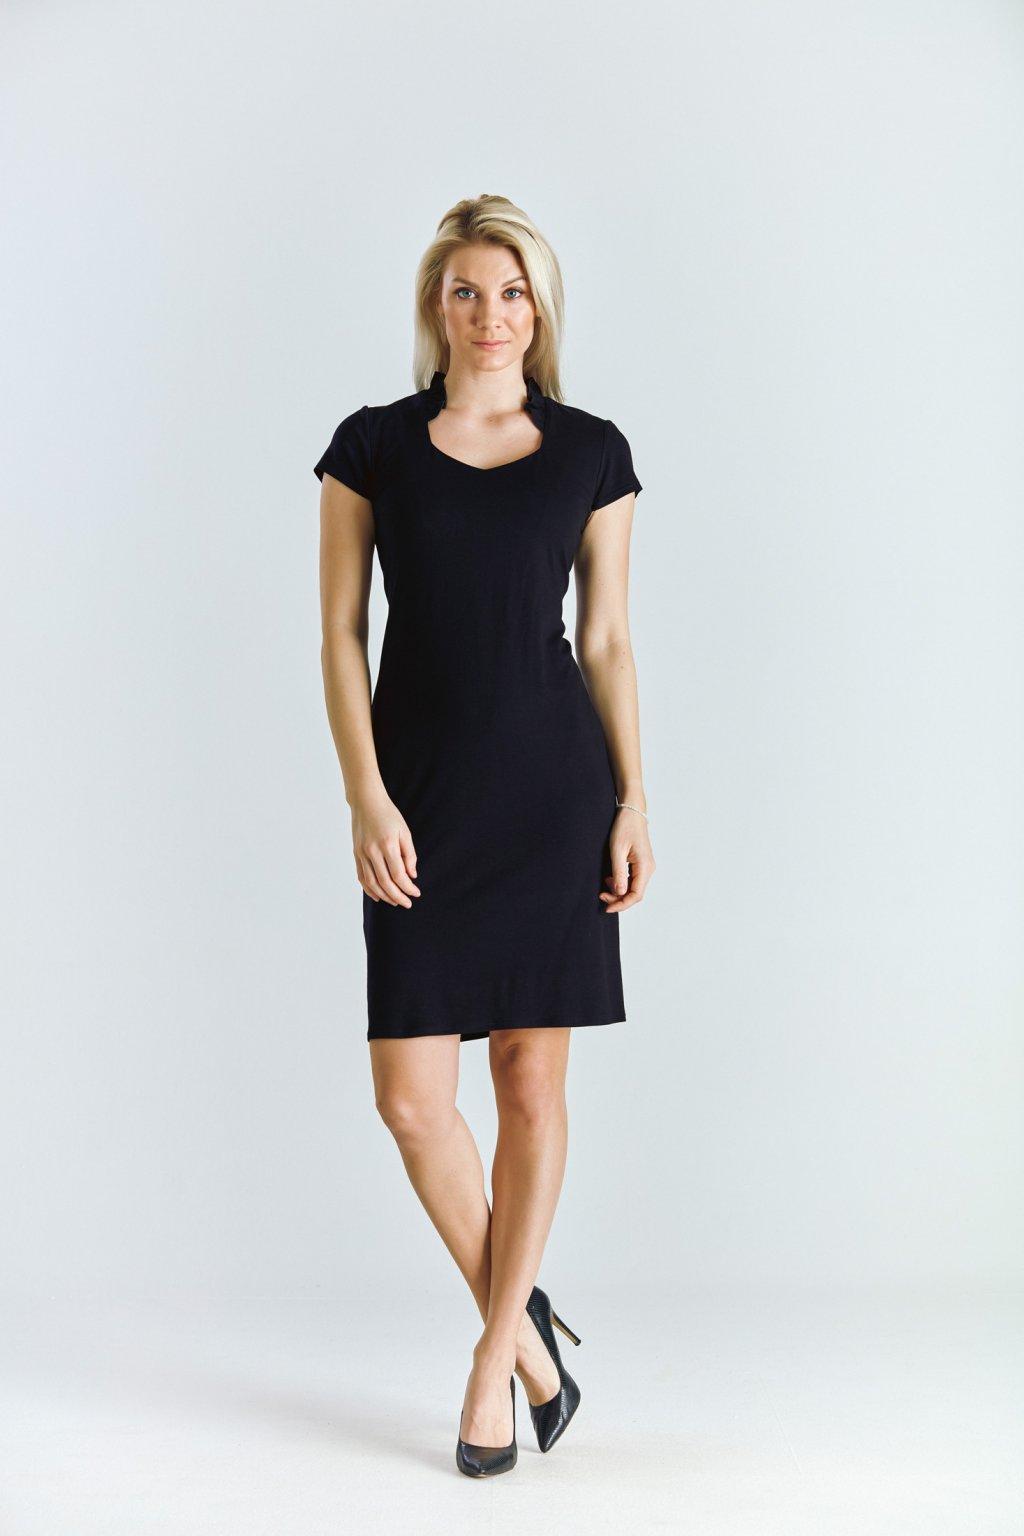 Dámské šaty s volánkem černé